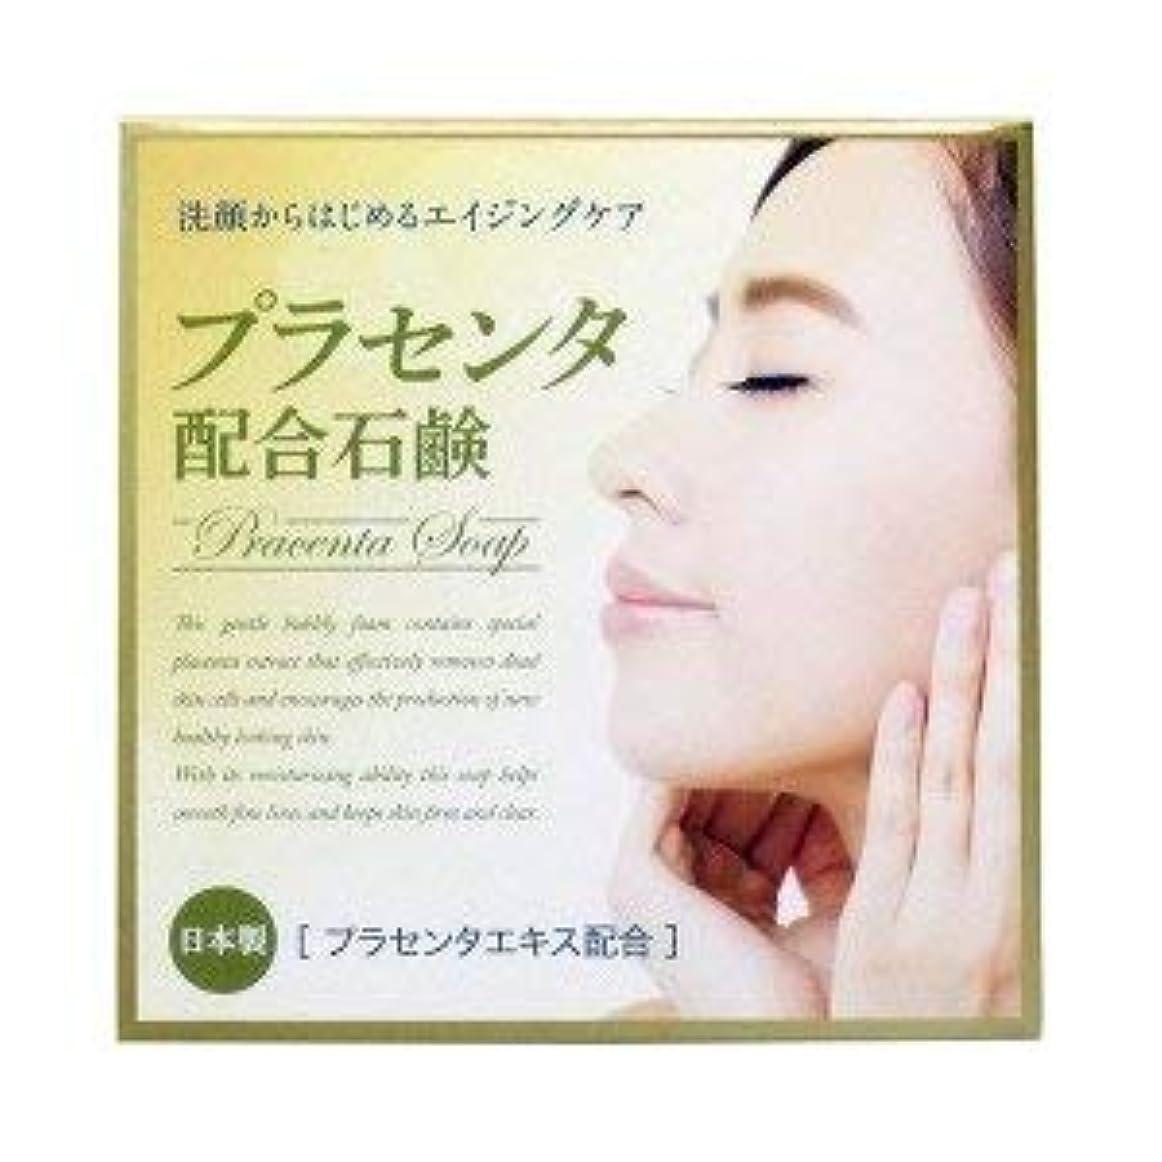 クラックポット君主制バスルームプラセンタ配合石鹸 80g×2 2個1セット プラセンタエキス保湿成分配合 日本製